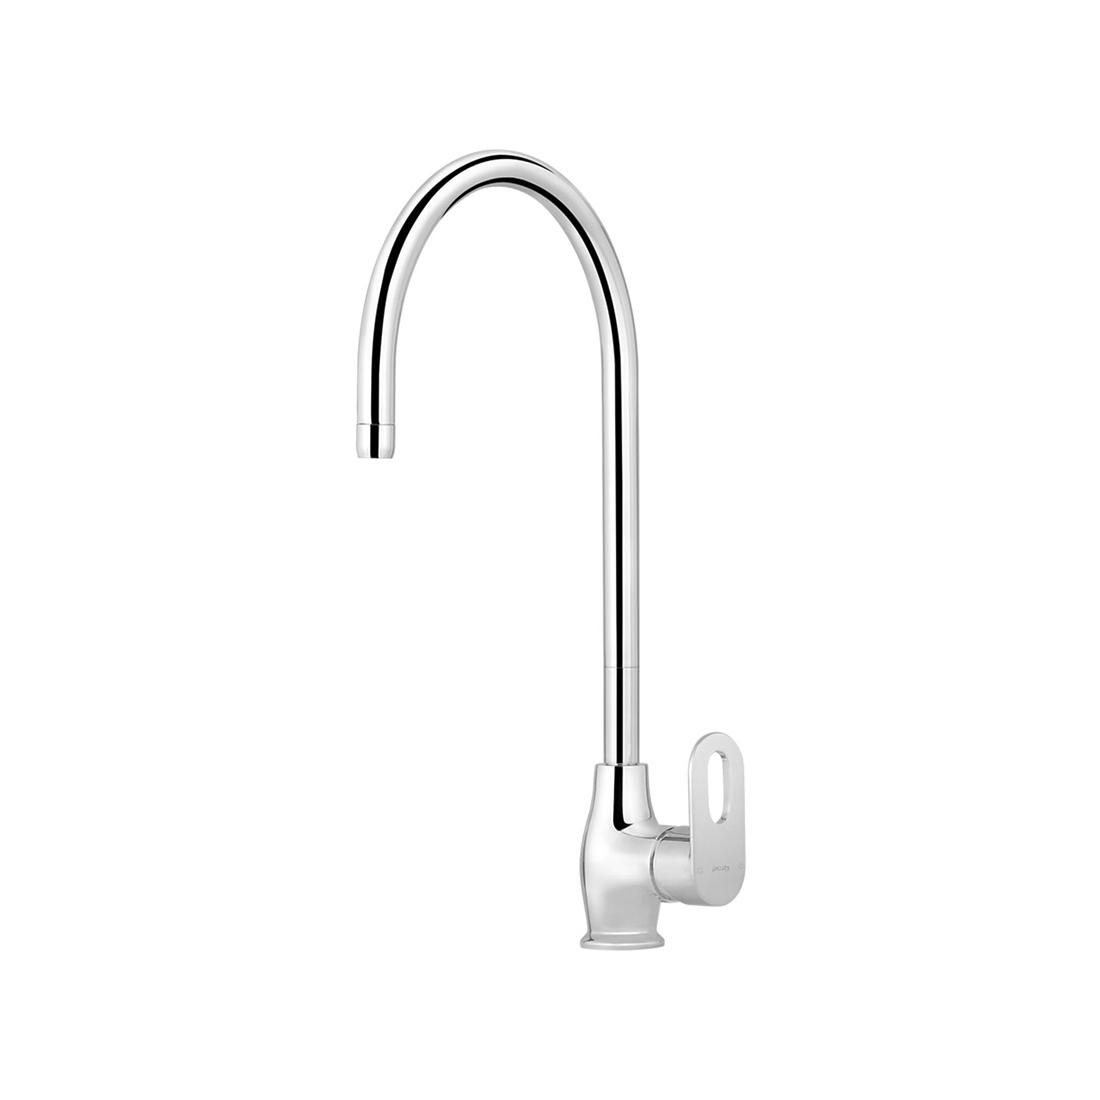 Kerovit Trendy KB2111047 Single Lever Sink Mixer With Swivel Spout